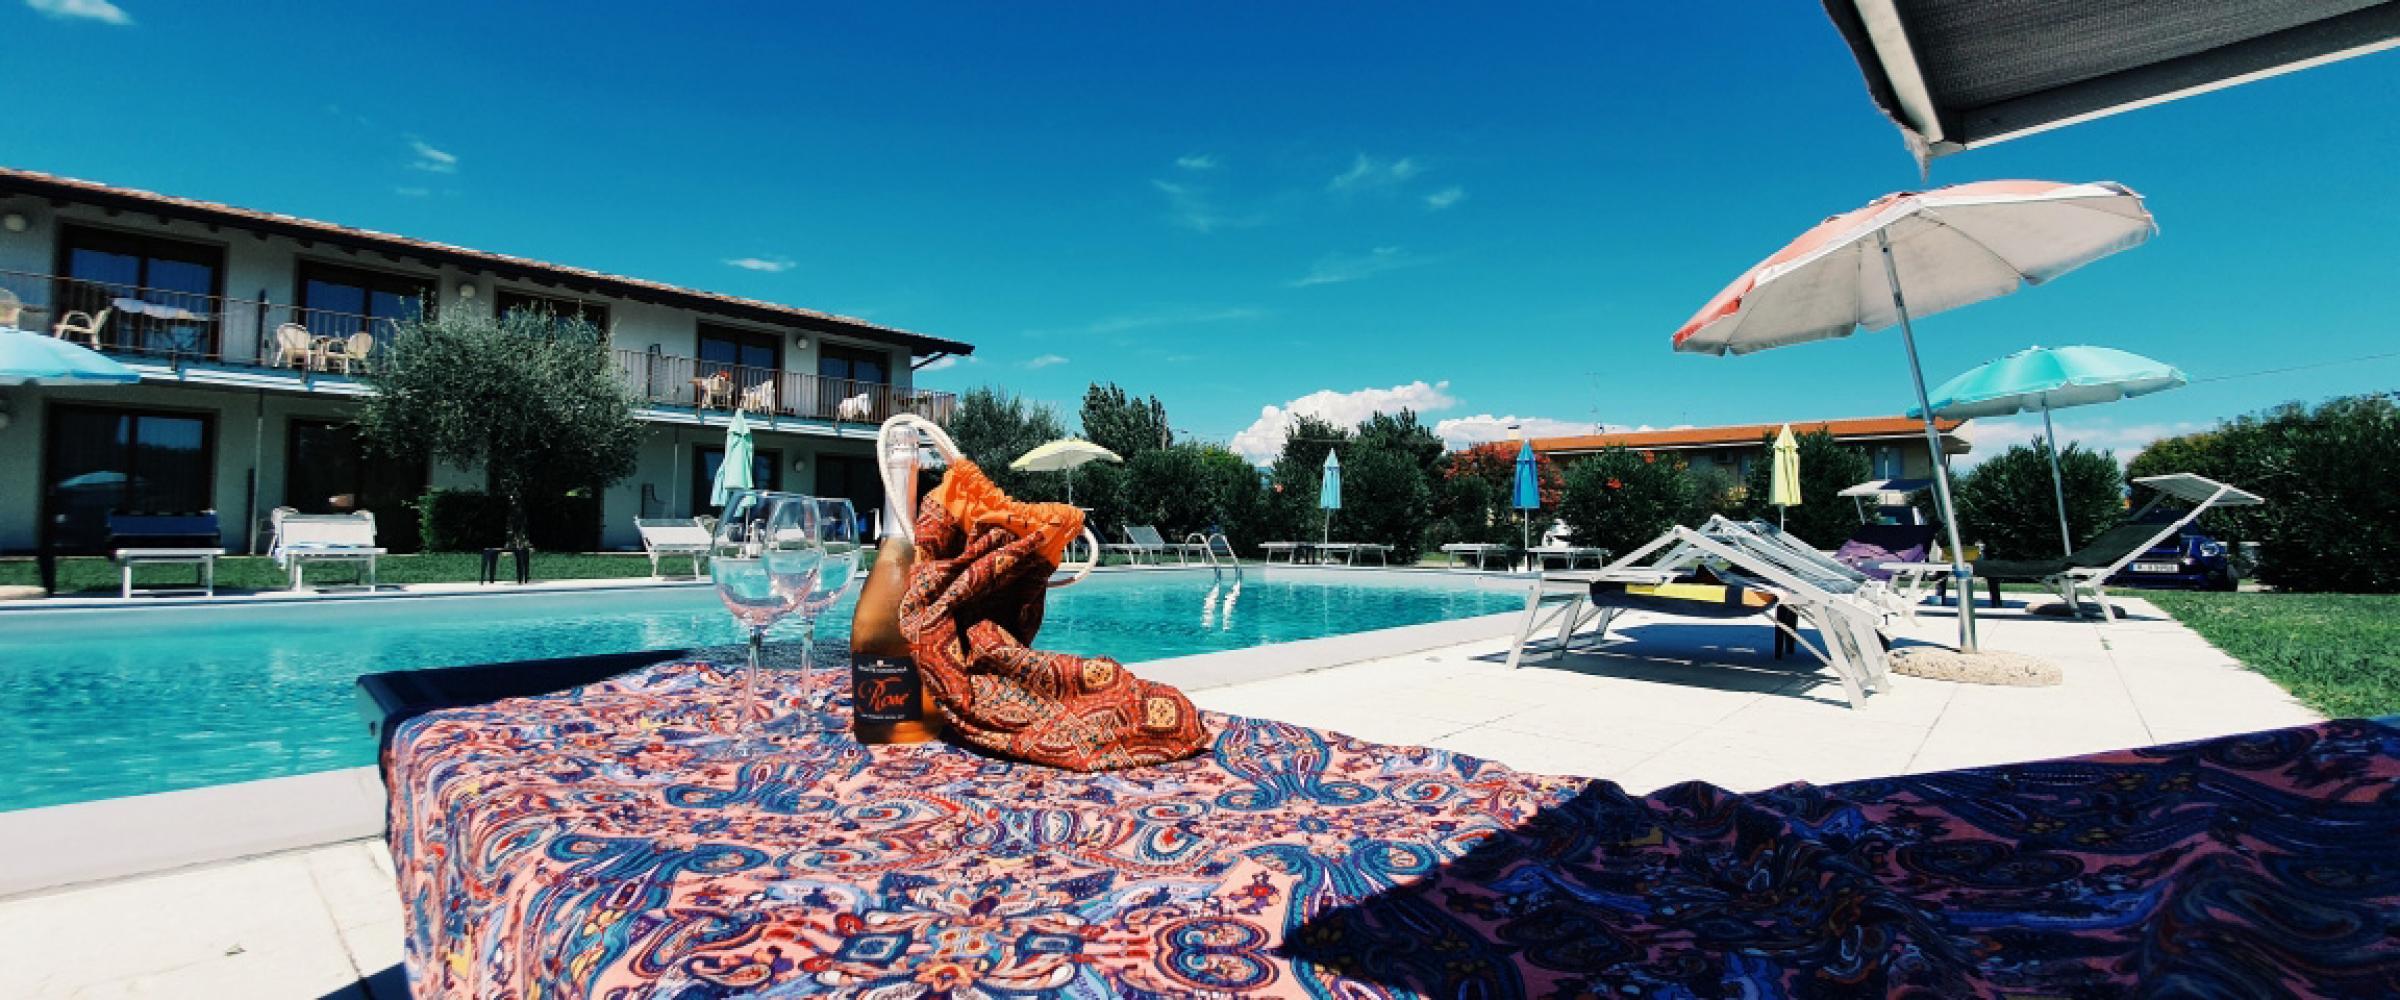 Residence con piscina sul lago di Garda: l'offerta turistica